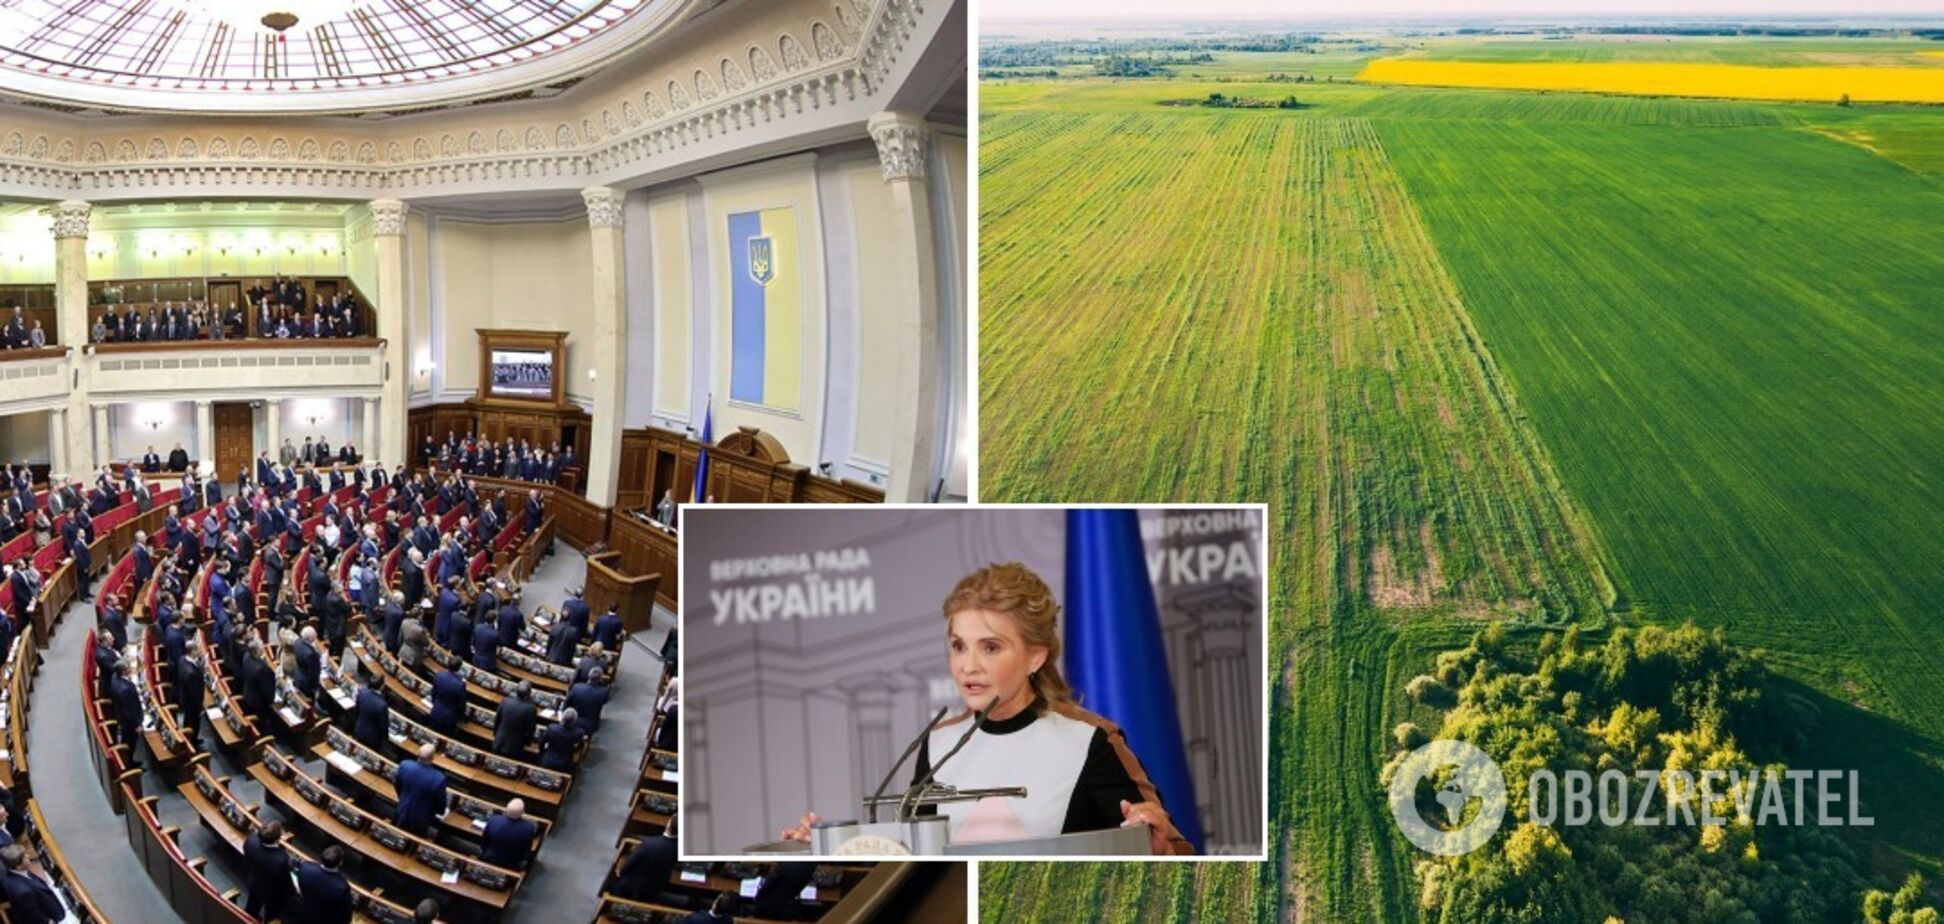 Референдум, який організовують українці за підтримки партії 'Батьківщина', є можливістю вплинути на владу